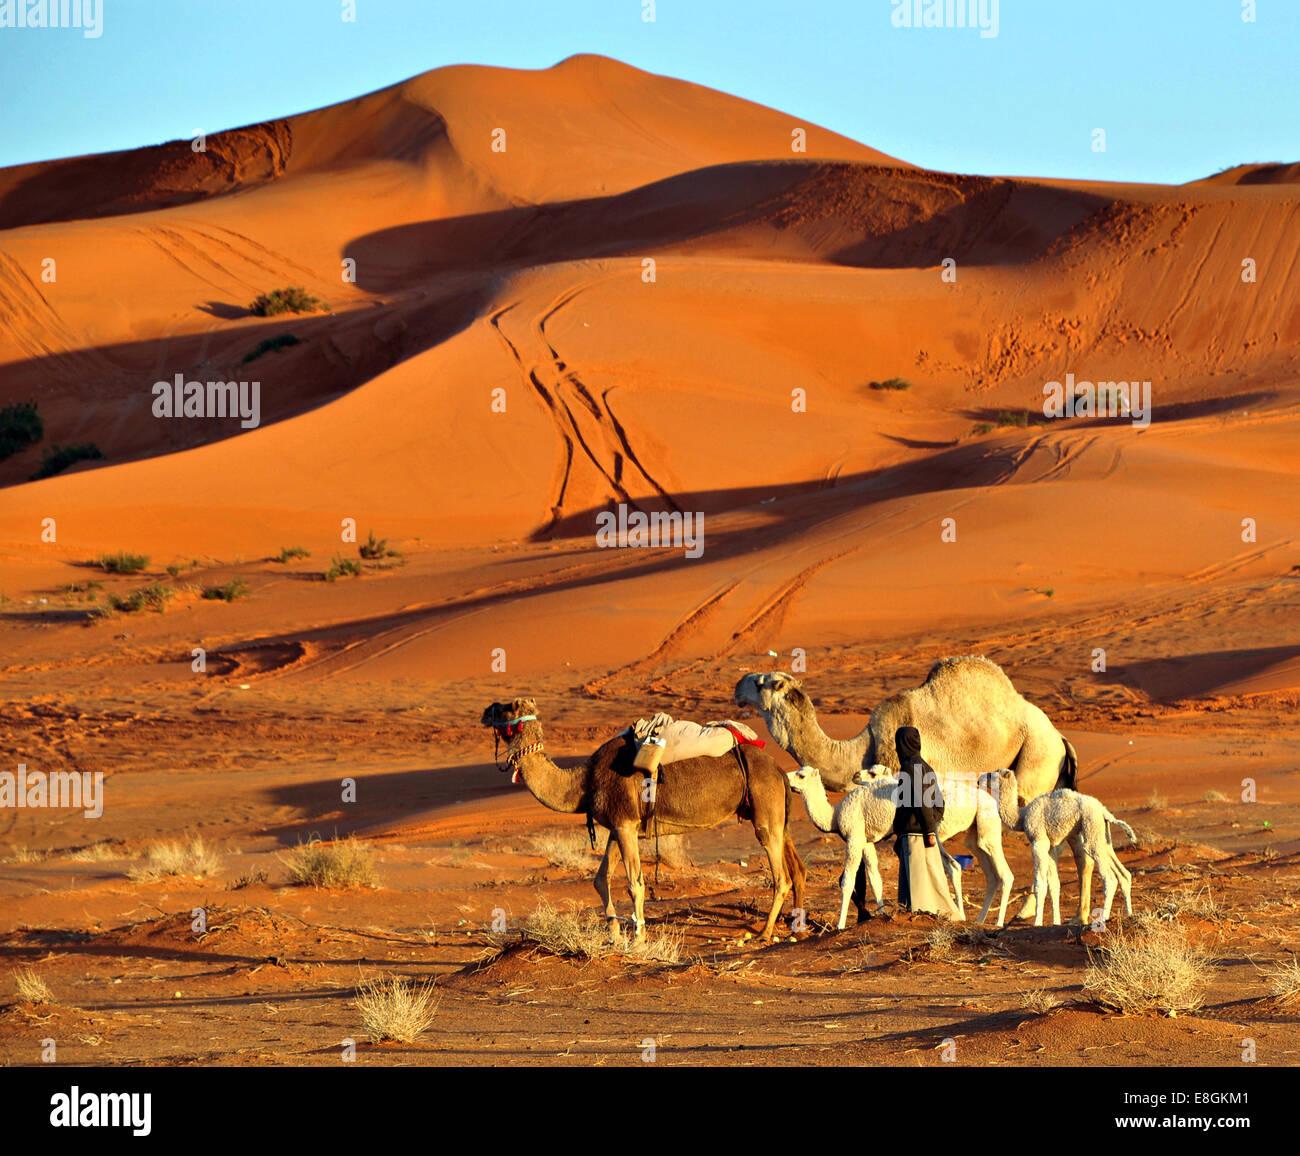 L'Arabie saoudite, Ghuwaymid Zulfi, St, personne avec des chameaux dans le désert Photo Stock